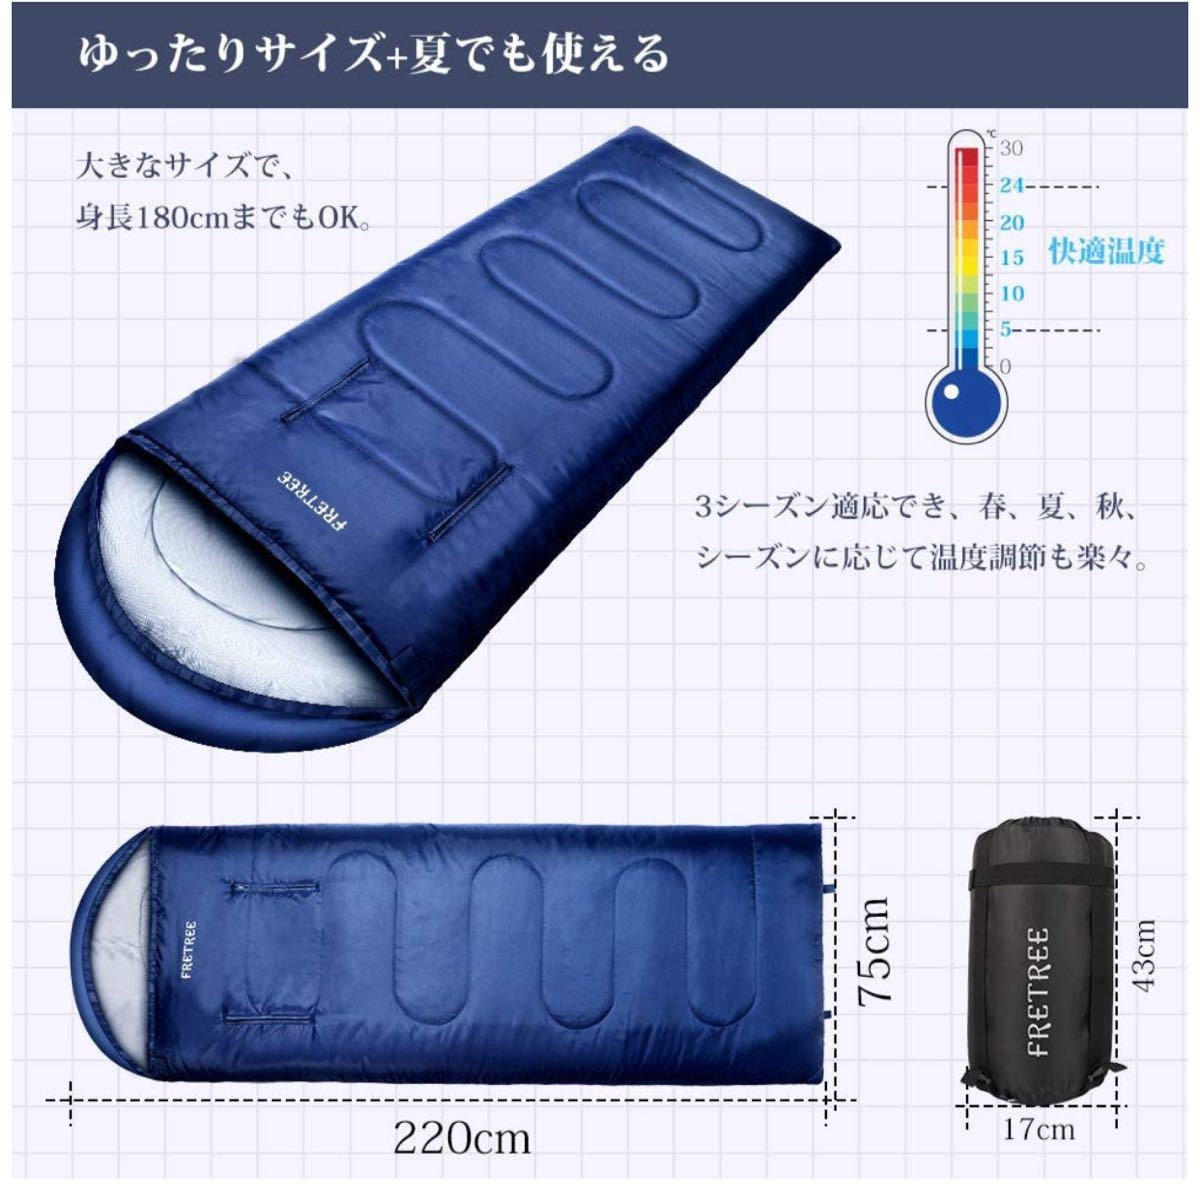 寝袋 シュラフ 封筒型 軽量 防水シュラフ  丸洗い☆ソフトバンク優勝セール☆